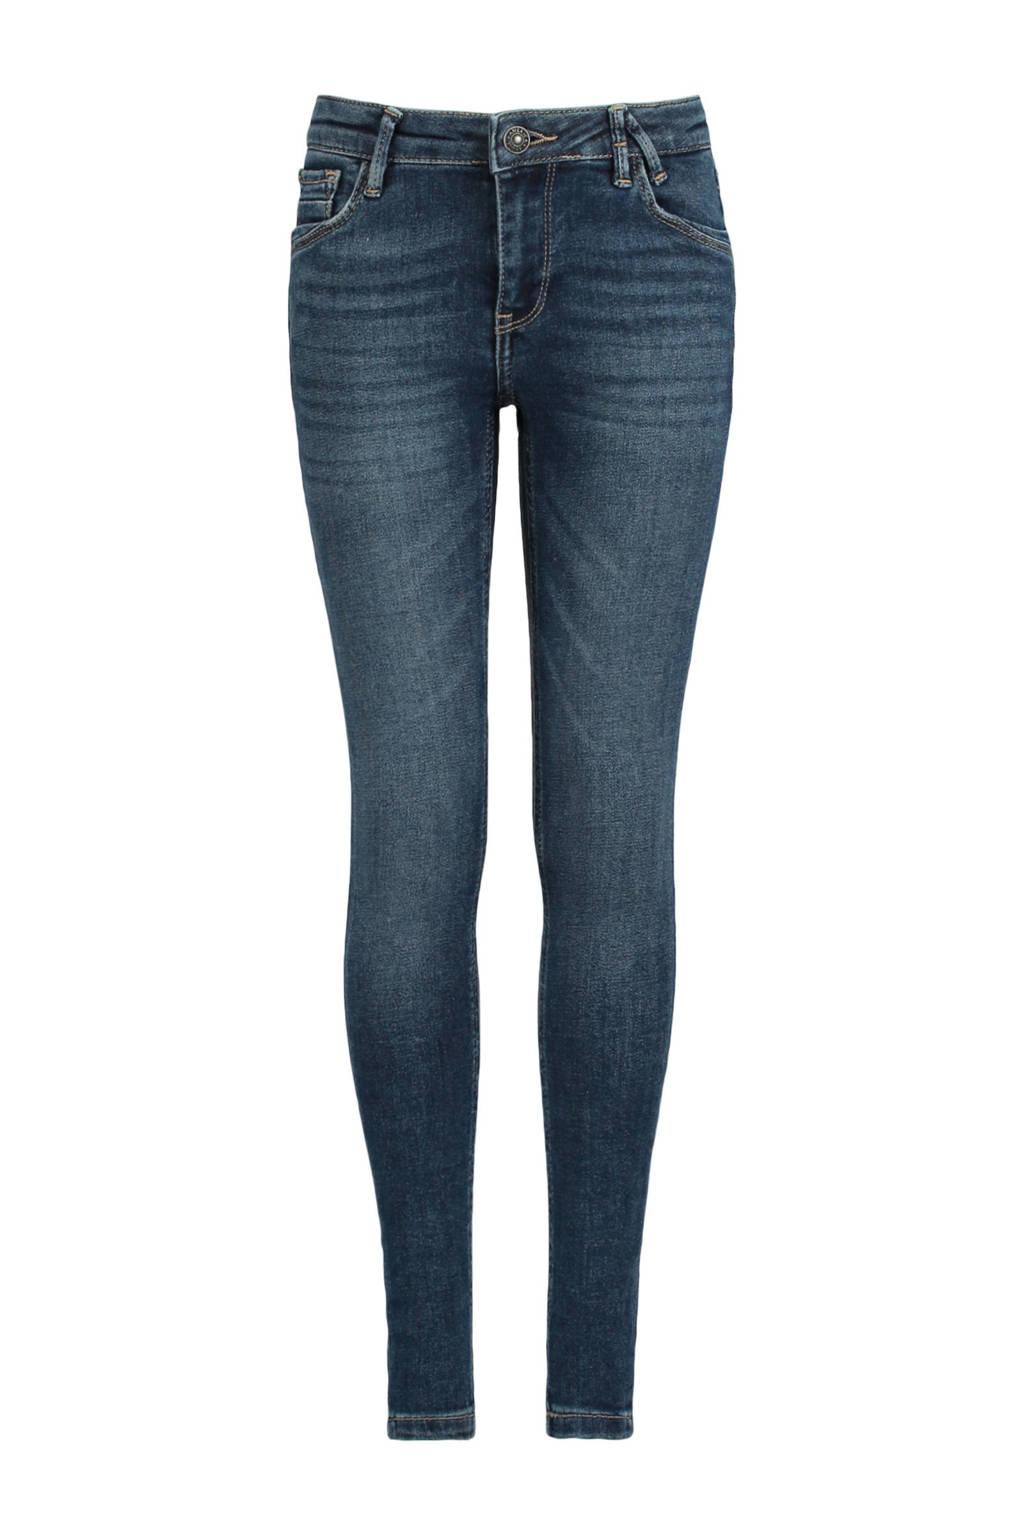 America Today Junior skinny jeans dark denim, Dark denim